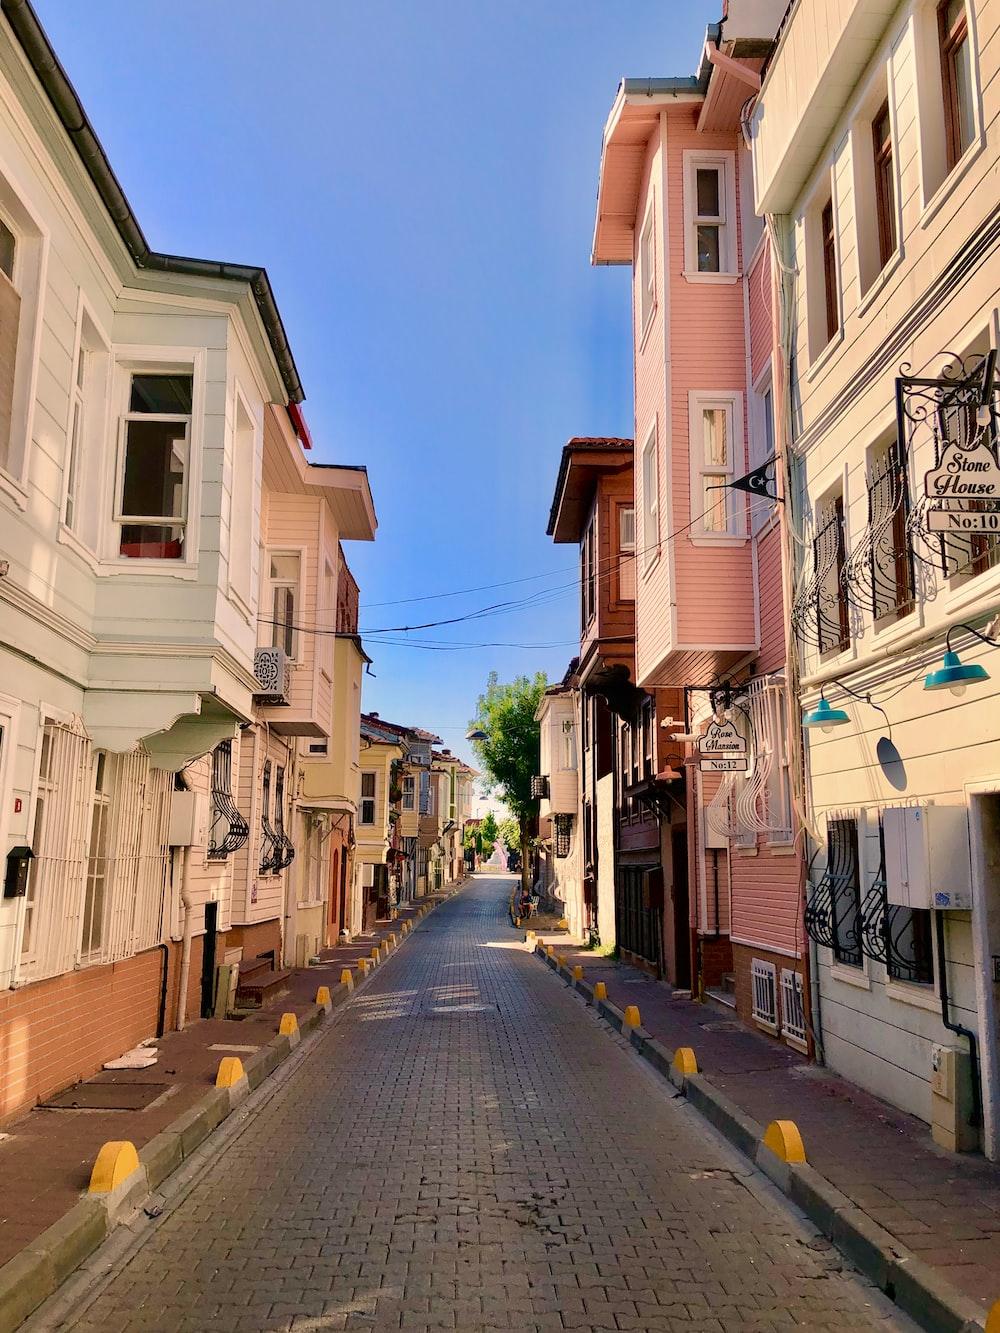 empty streets between houses